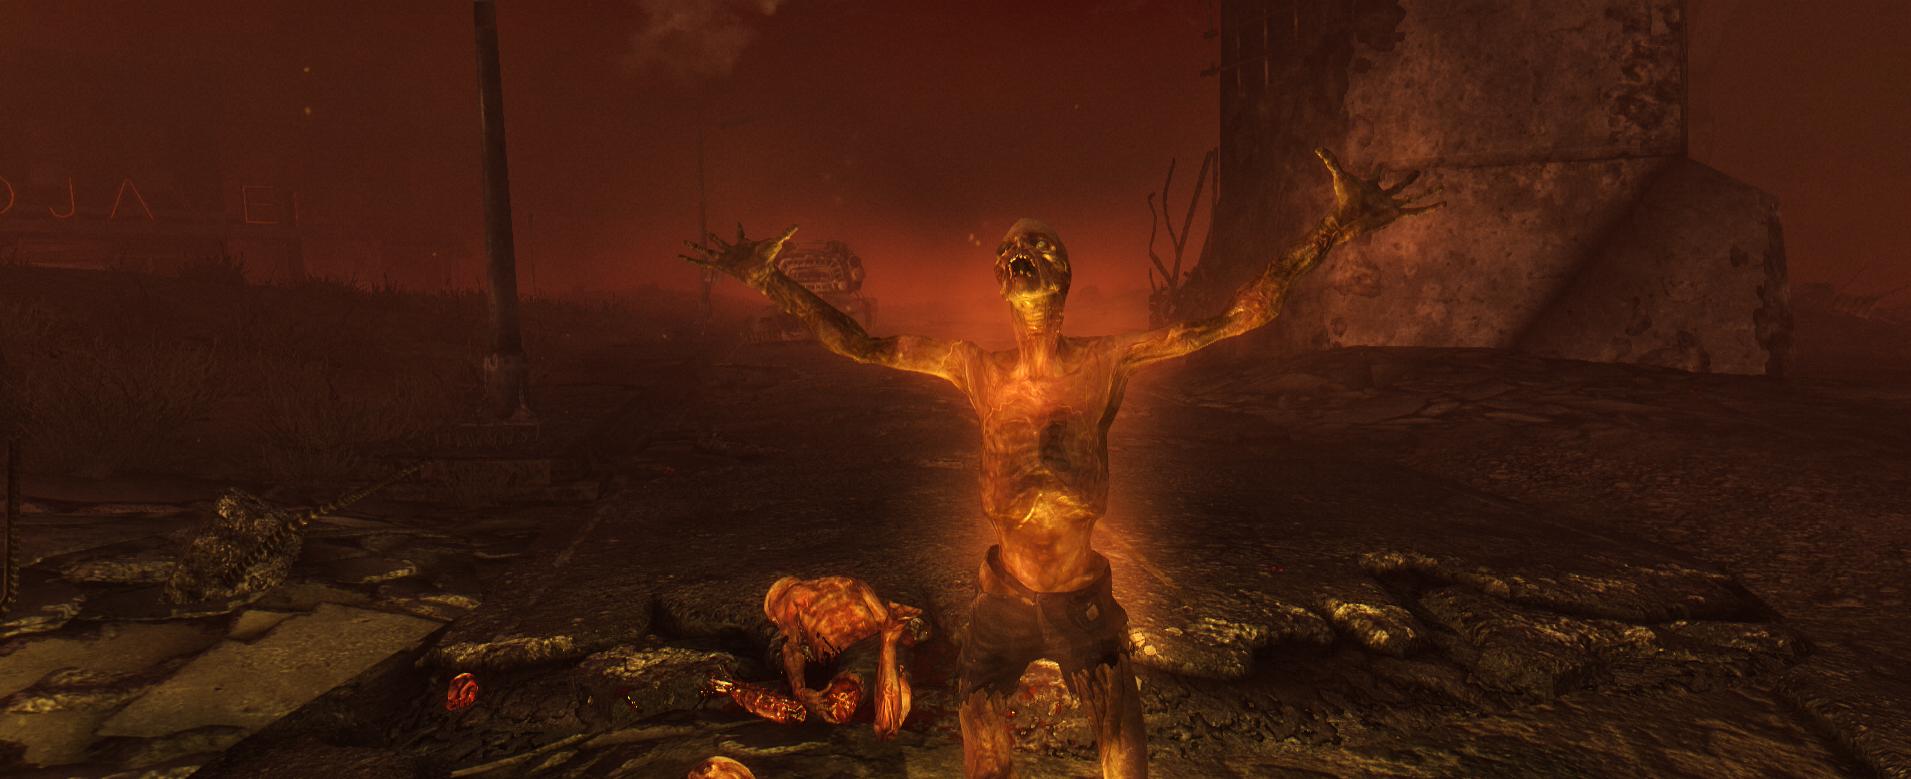 FalloutNV exe DX9 20161124 23580